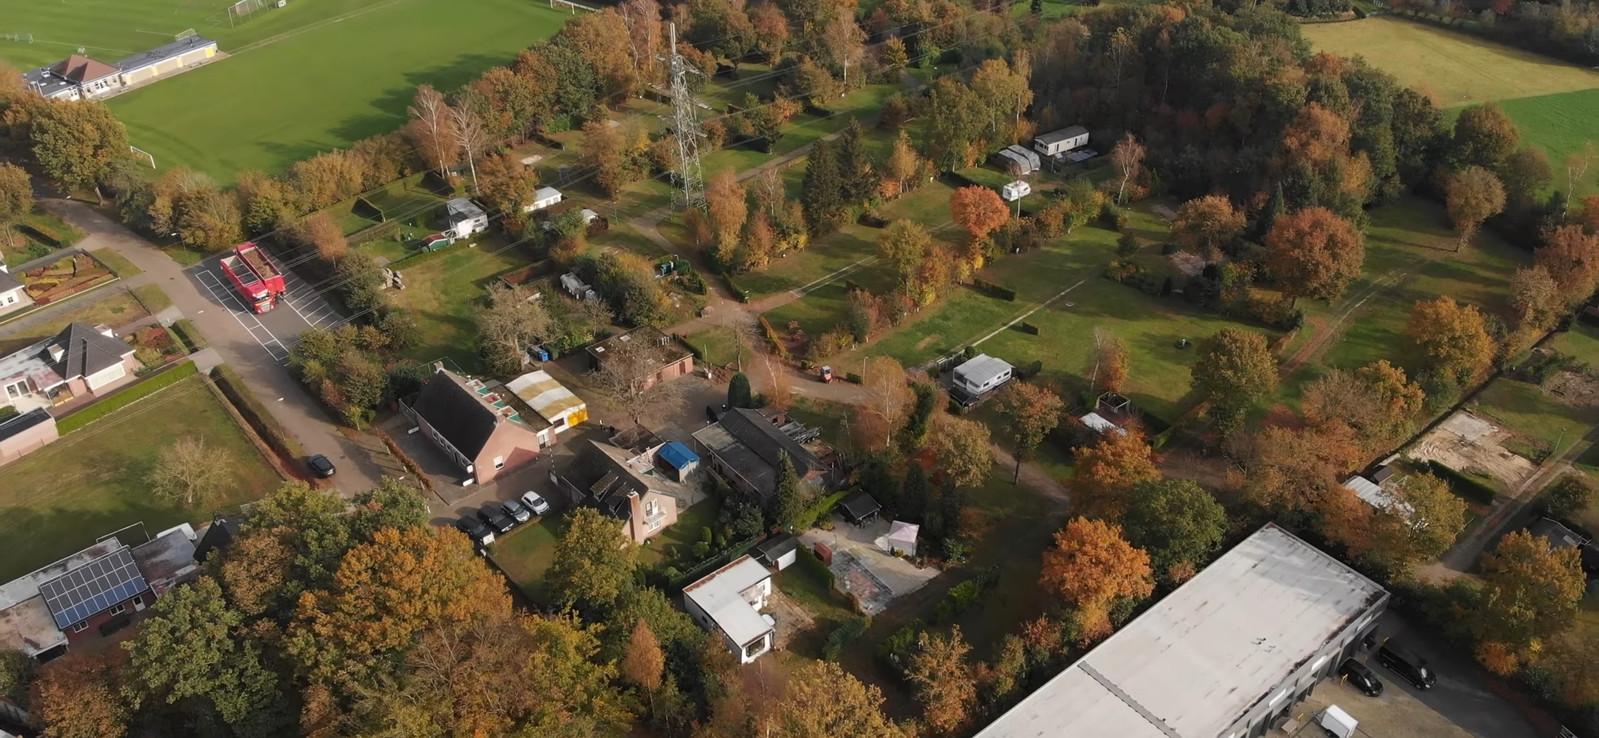 Camping De Bosfazant gaat aan de Molenstraat in Moergestel zijn laatste seizoen in. Woningbouw wordt waarschijnlijk de toekomst.